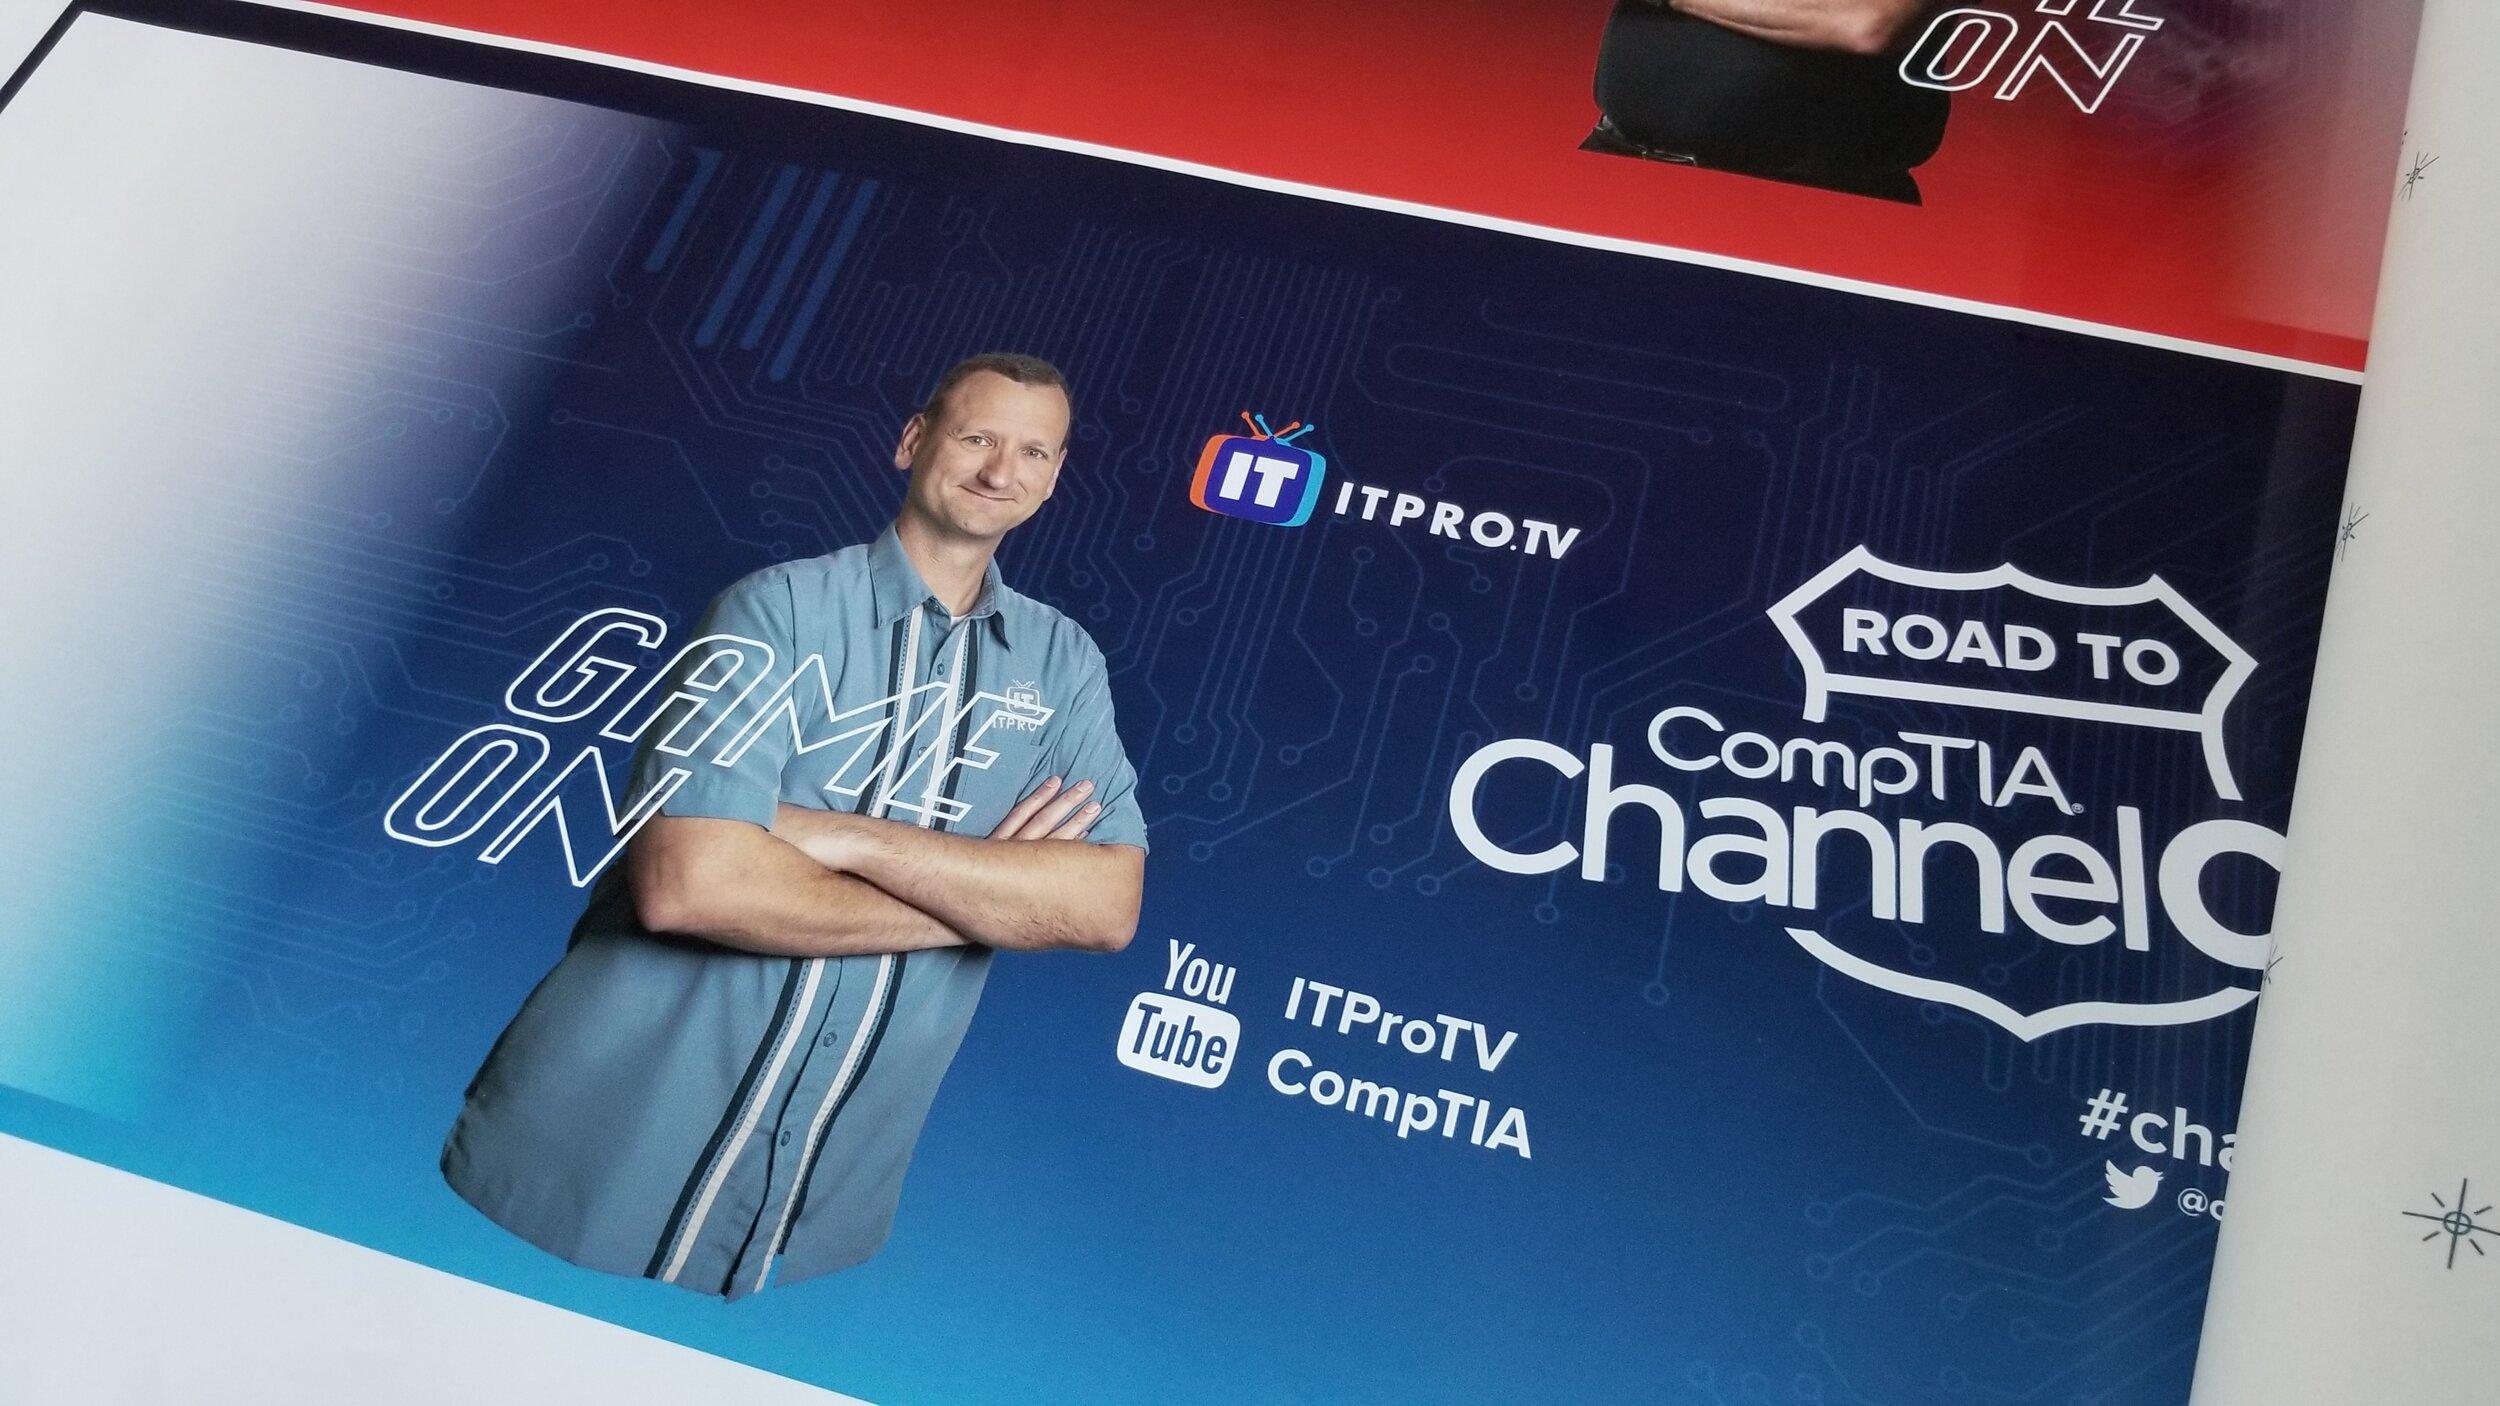 - Detail shot of the ITProTV-branded side.